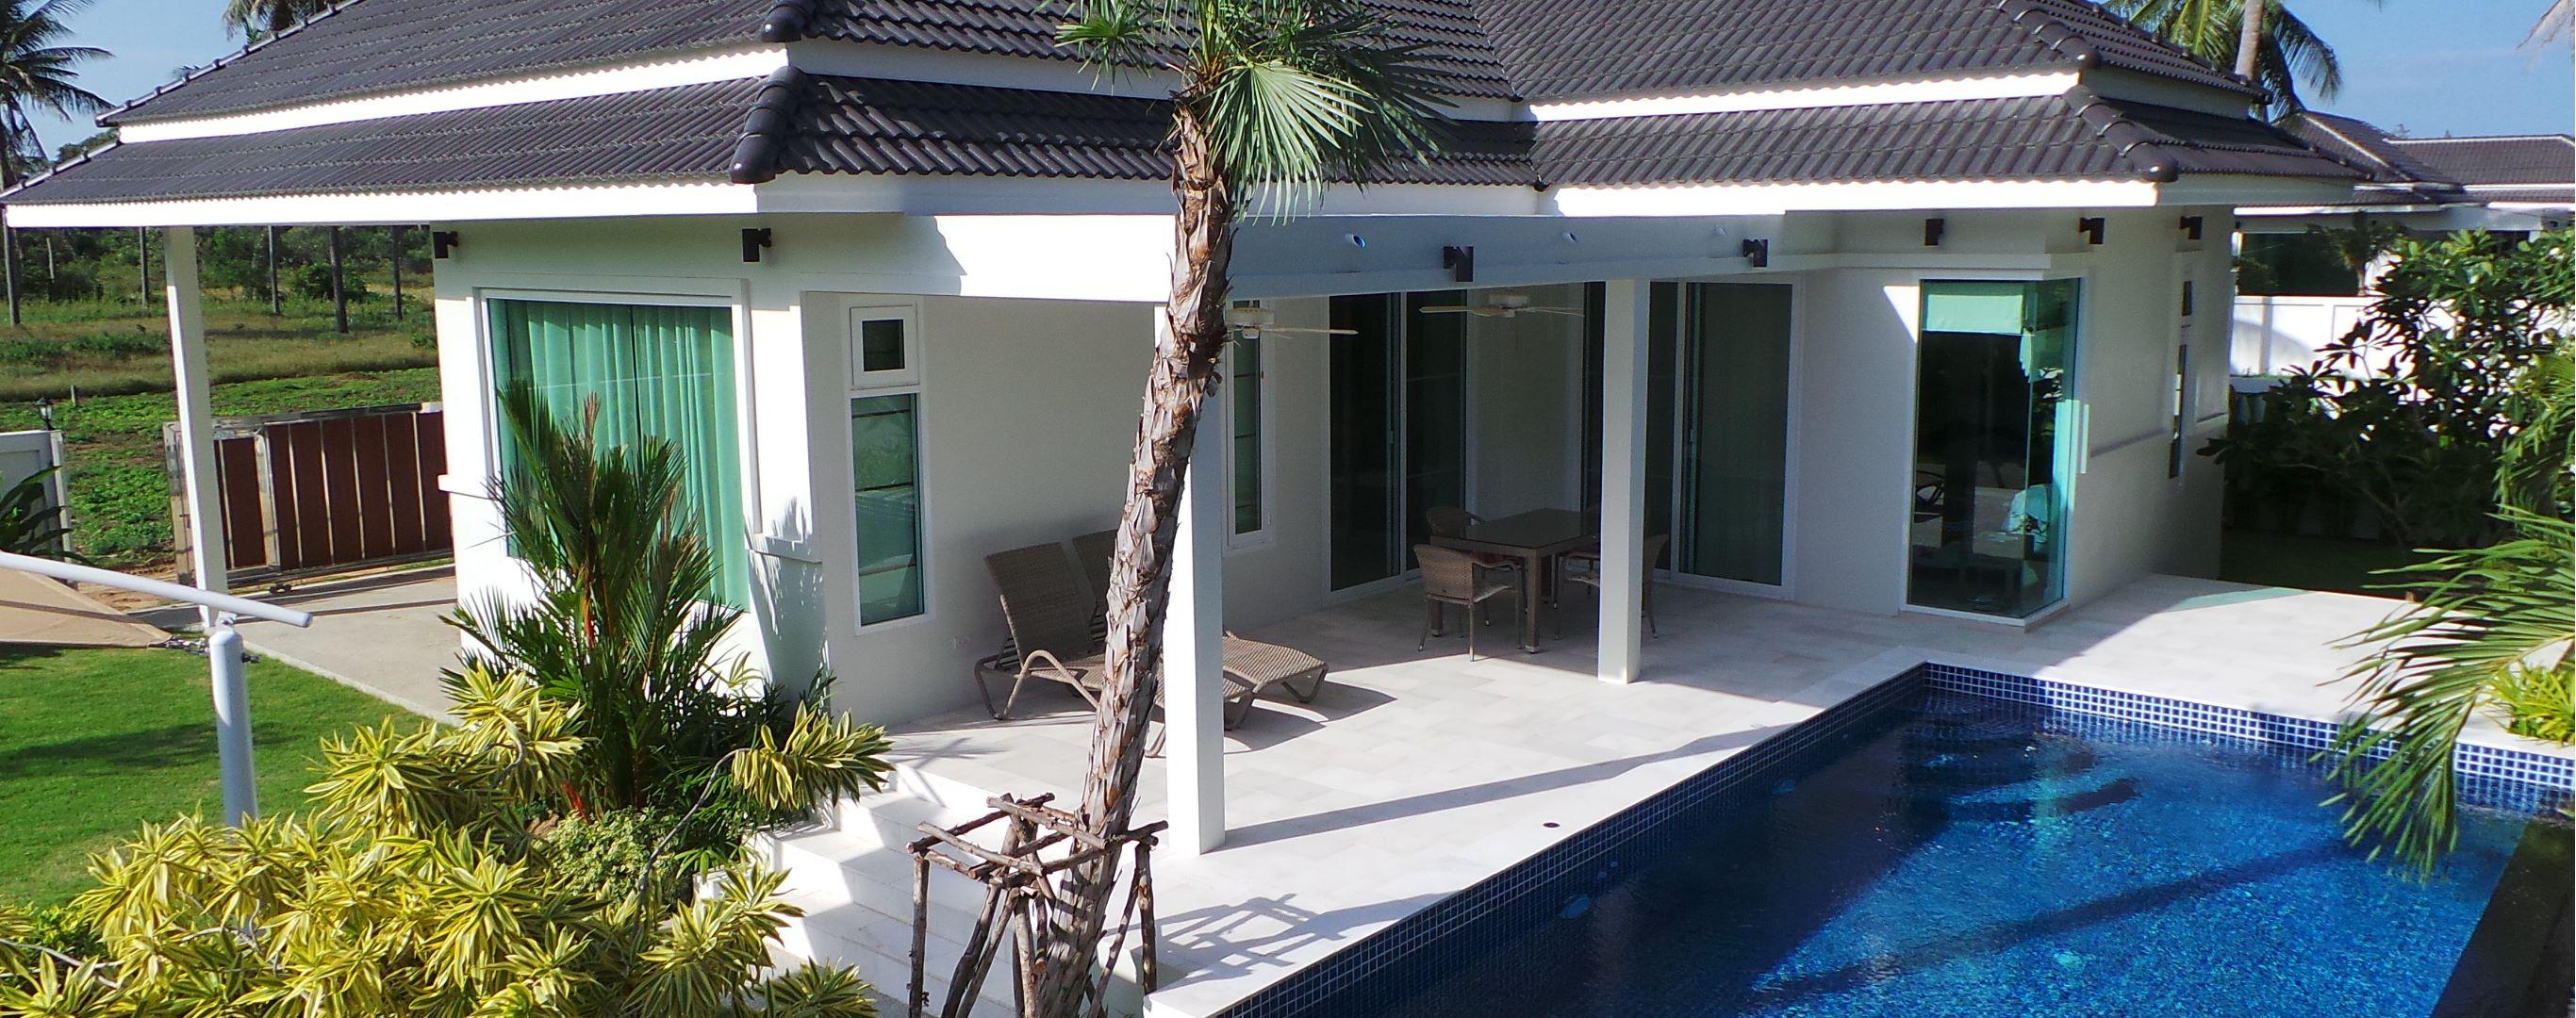 Cottage village White Beach: description, layout and reviews 75